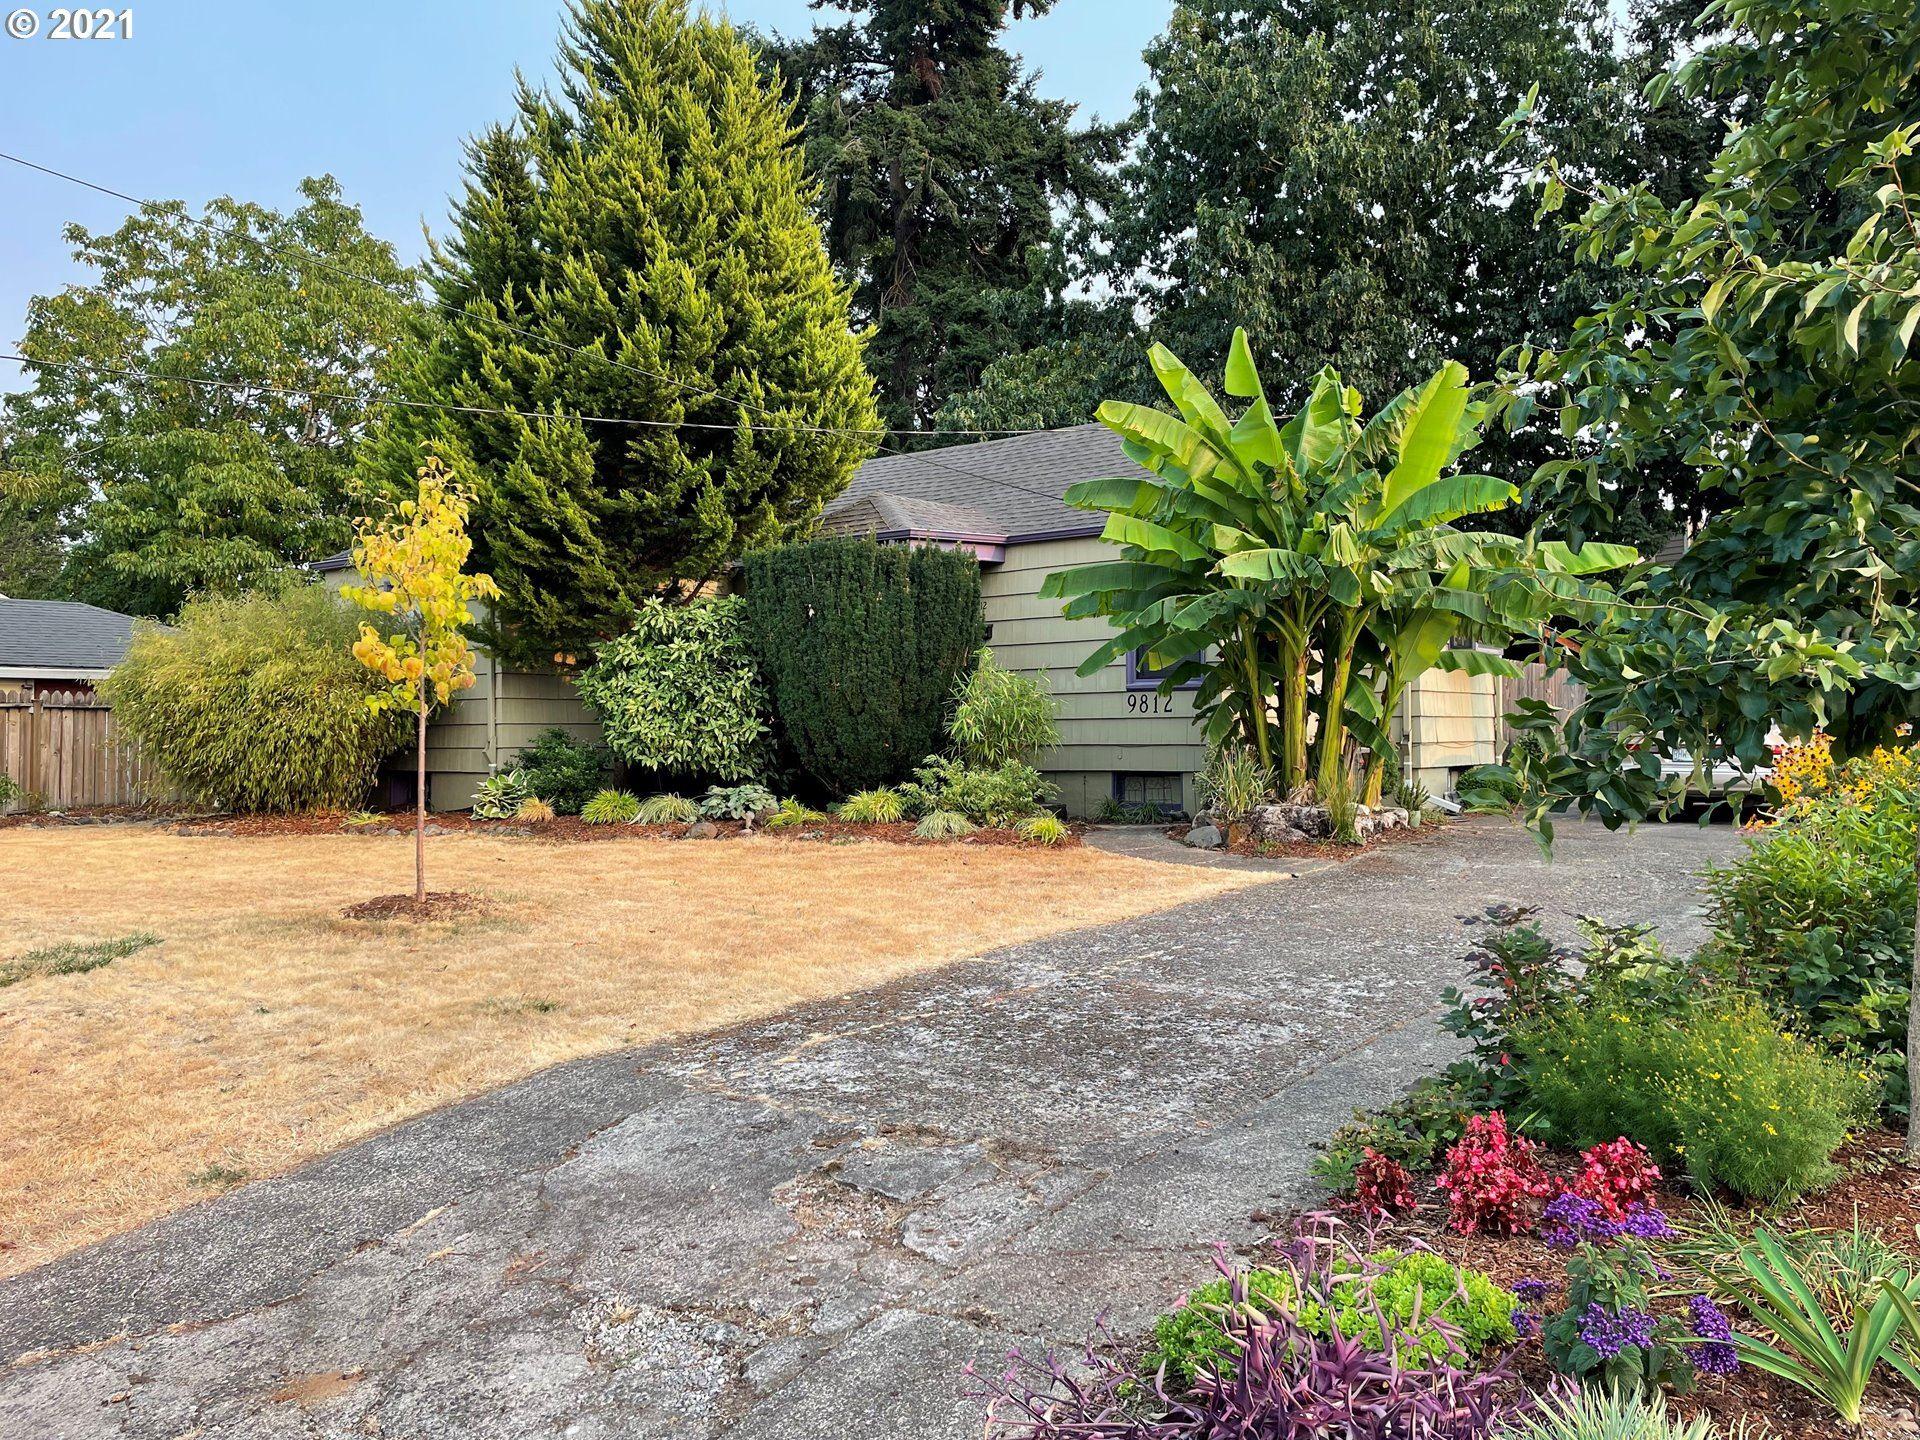 9812 SE YUKON ST, Portland, OR 97266 - MLS#: 21114755